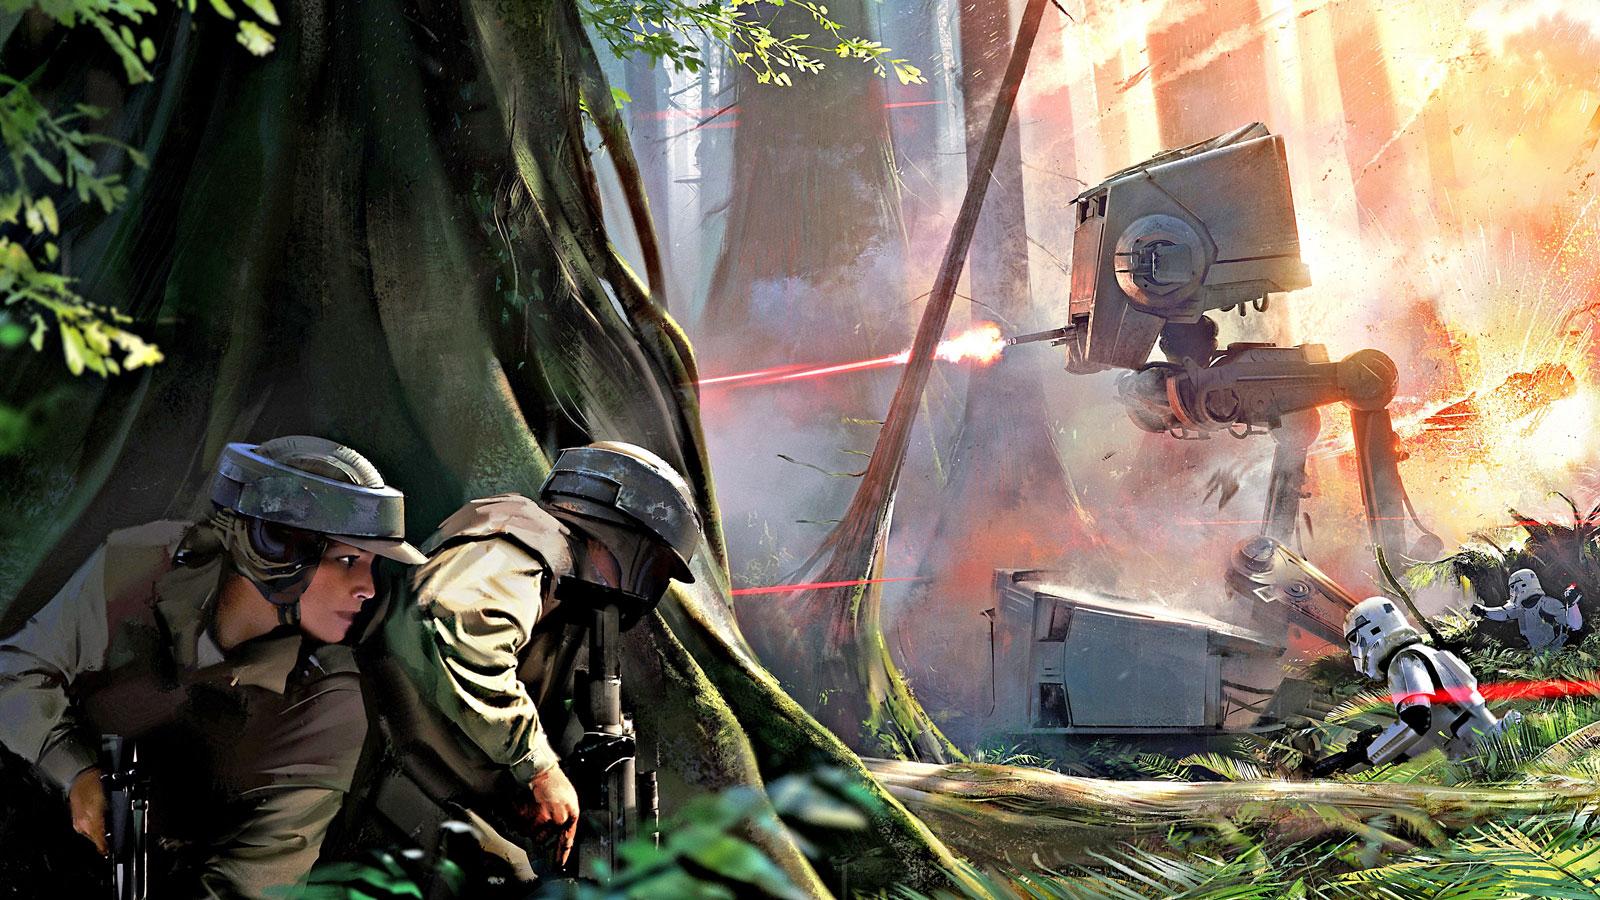 Опубликована новая информация о Star Wars Battlefront 2